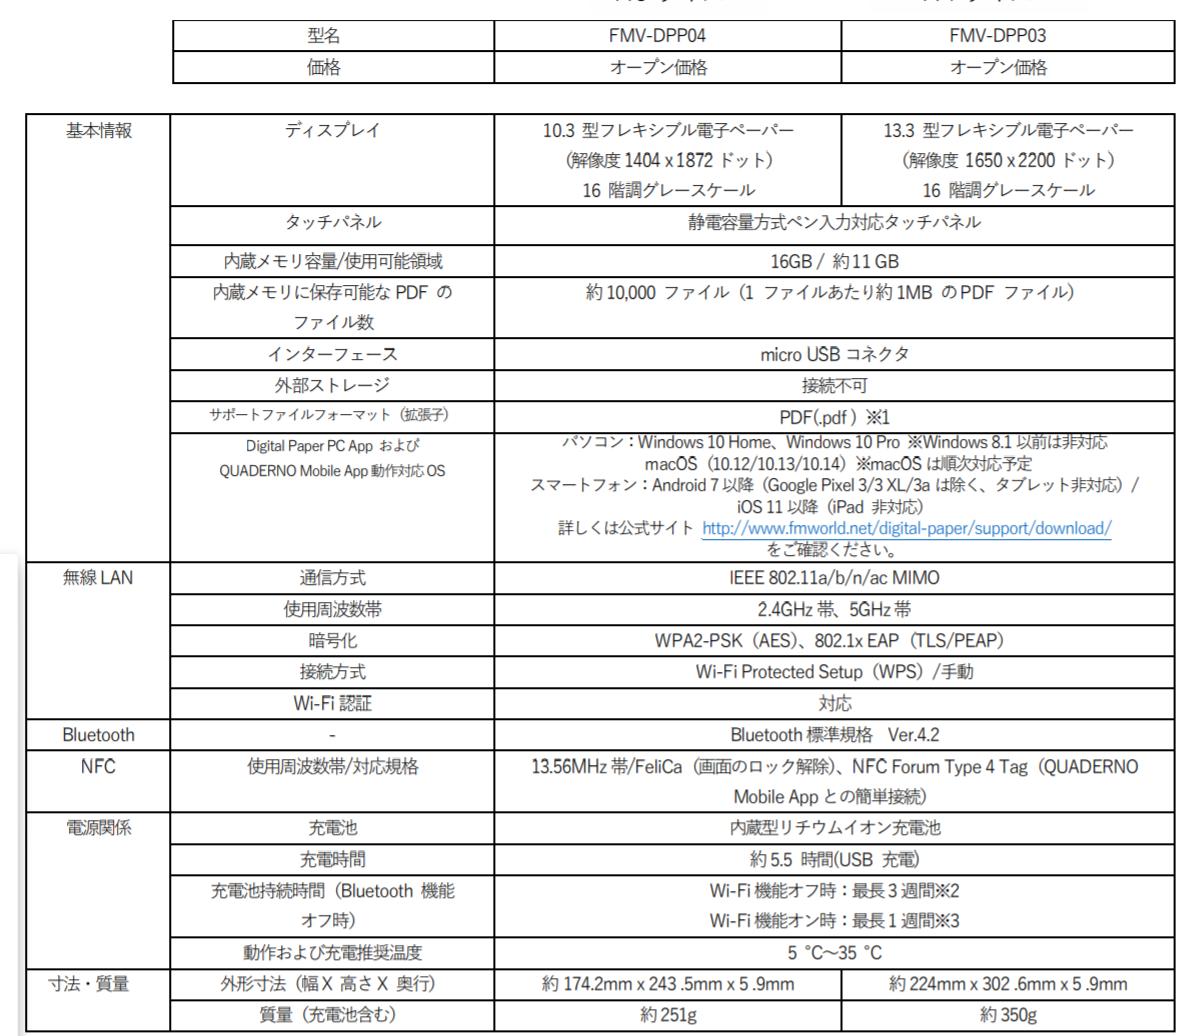 f:id:takemako:20190725235400p:plain